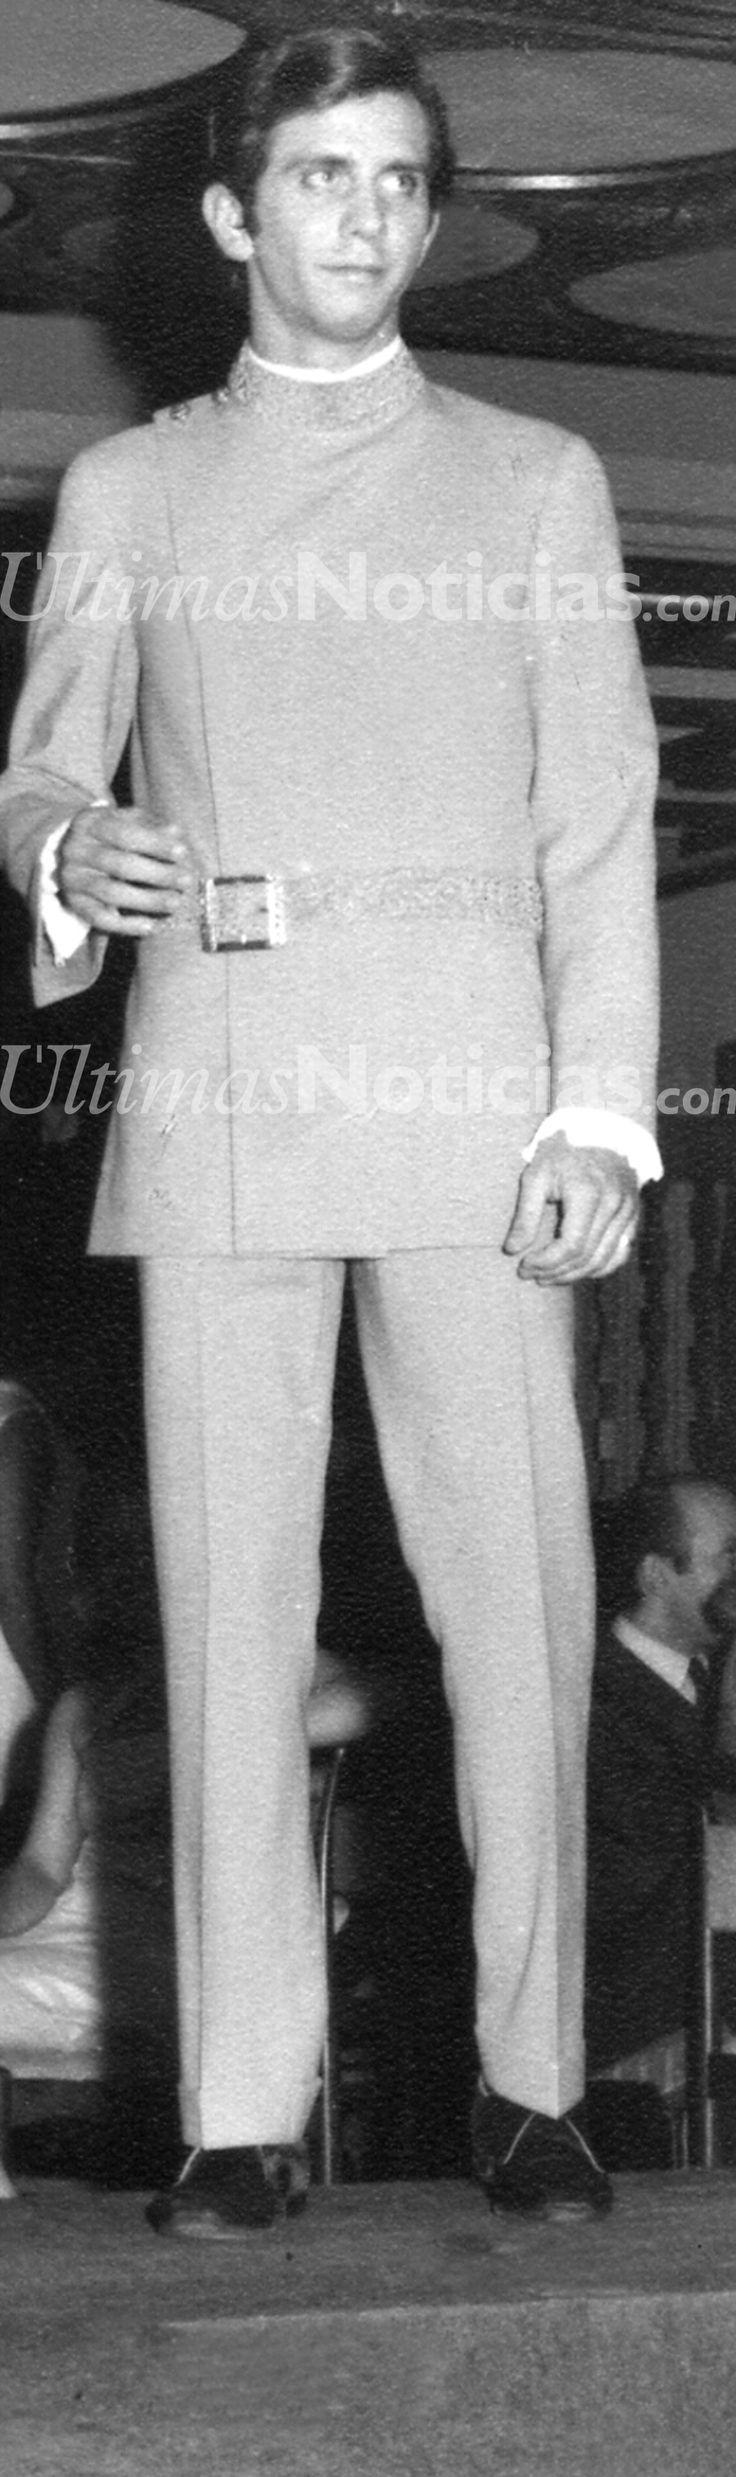 Osmel Sousa nació en Cuba el 26-09-1946, es el presidente de la Organización Miss Venezuela. Se destaca por su exitosa carrera como preparador de las misses venezolanas e internacionales, como en el reality show Nuestra Belleza Latina. Foto: Archivo Fotográfico/Grupo Últimas Noticias